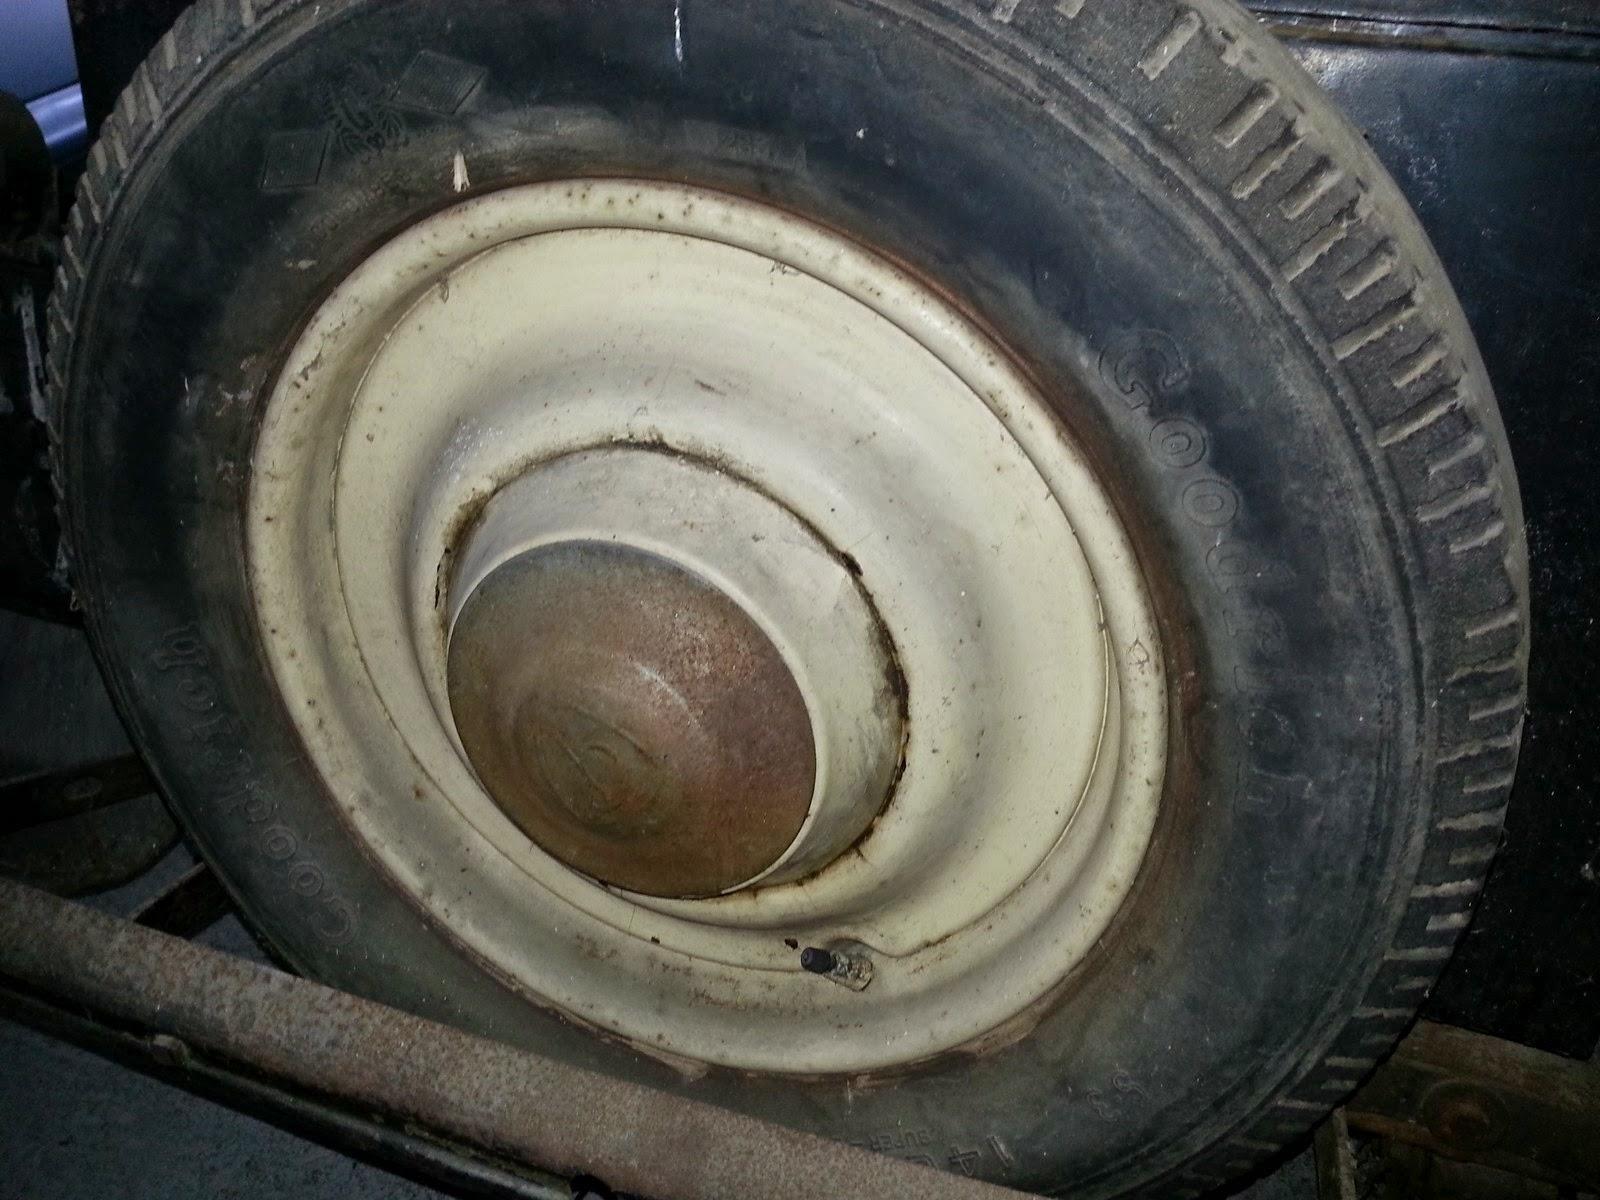 restauration rosengart lr48 1934 changement des pneus. Black Bedroom Furniture Sets. Home Design Ideas